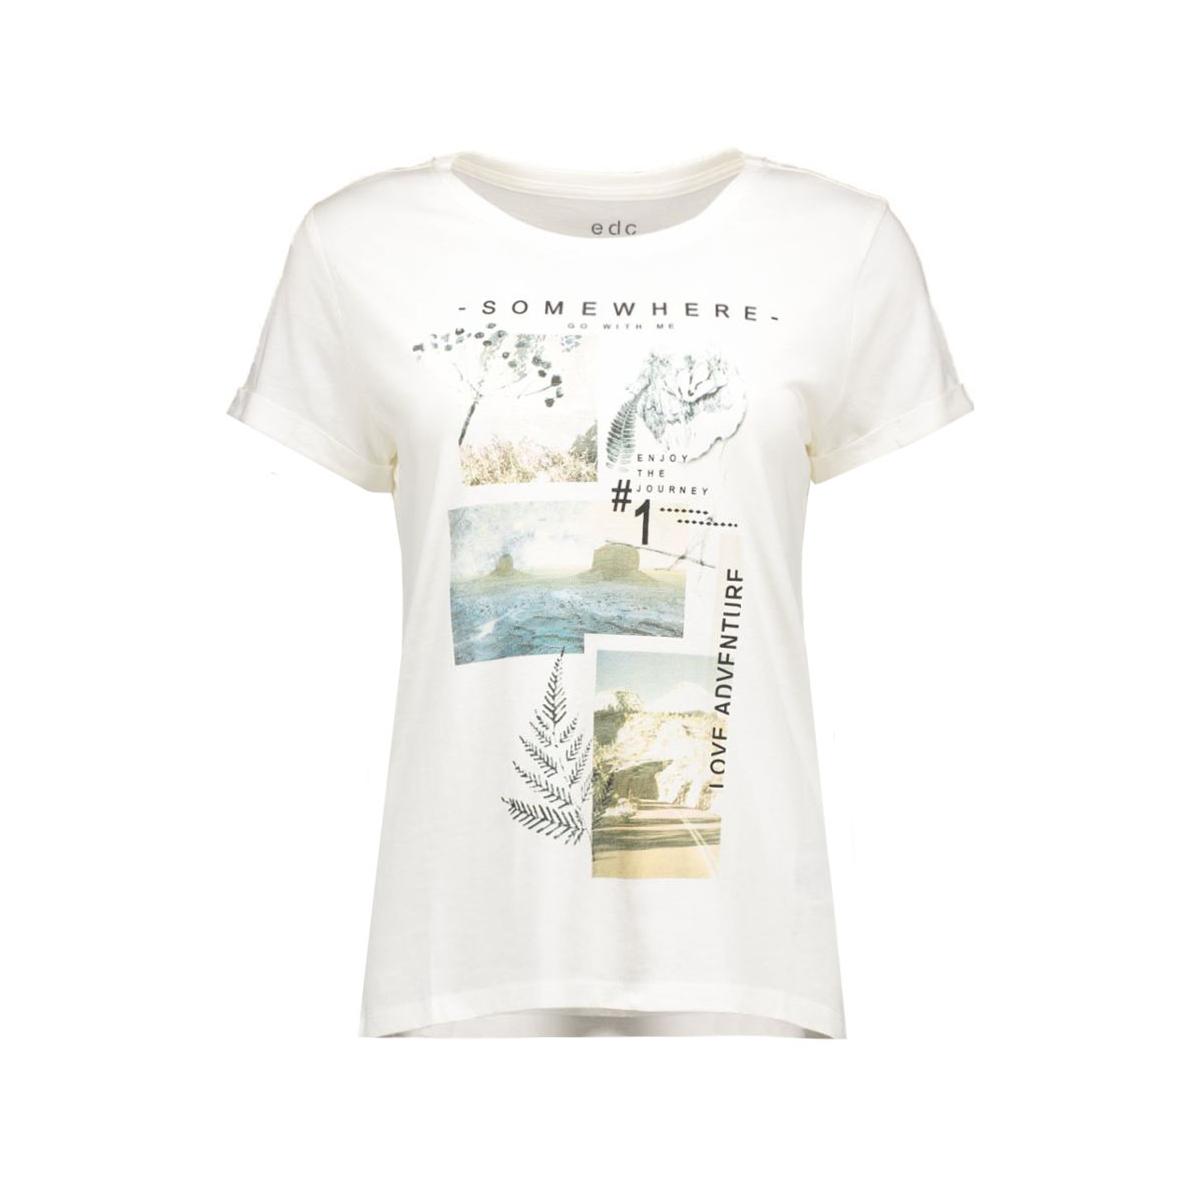 096cc1k060 edc t-shirt c055